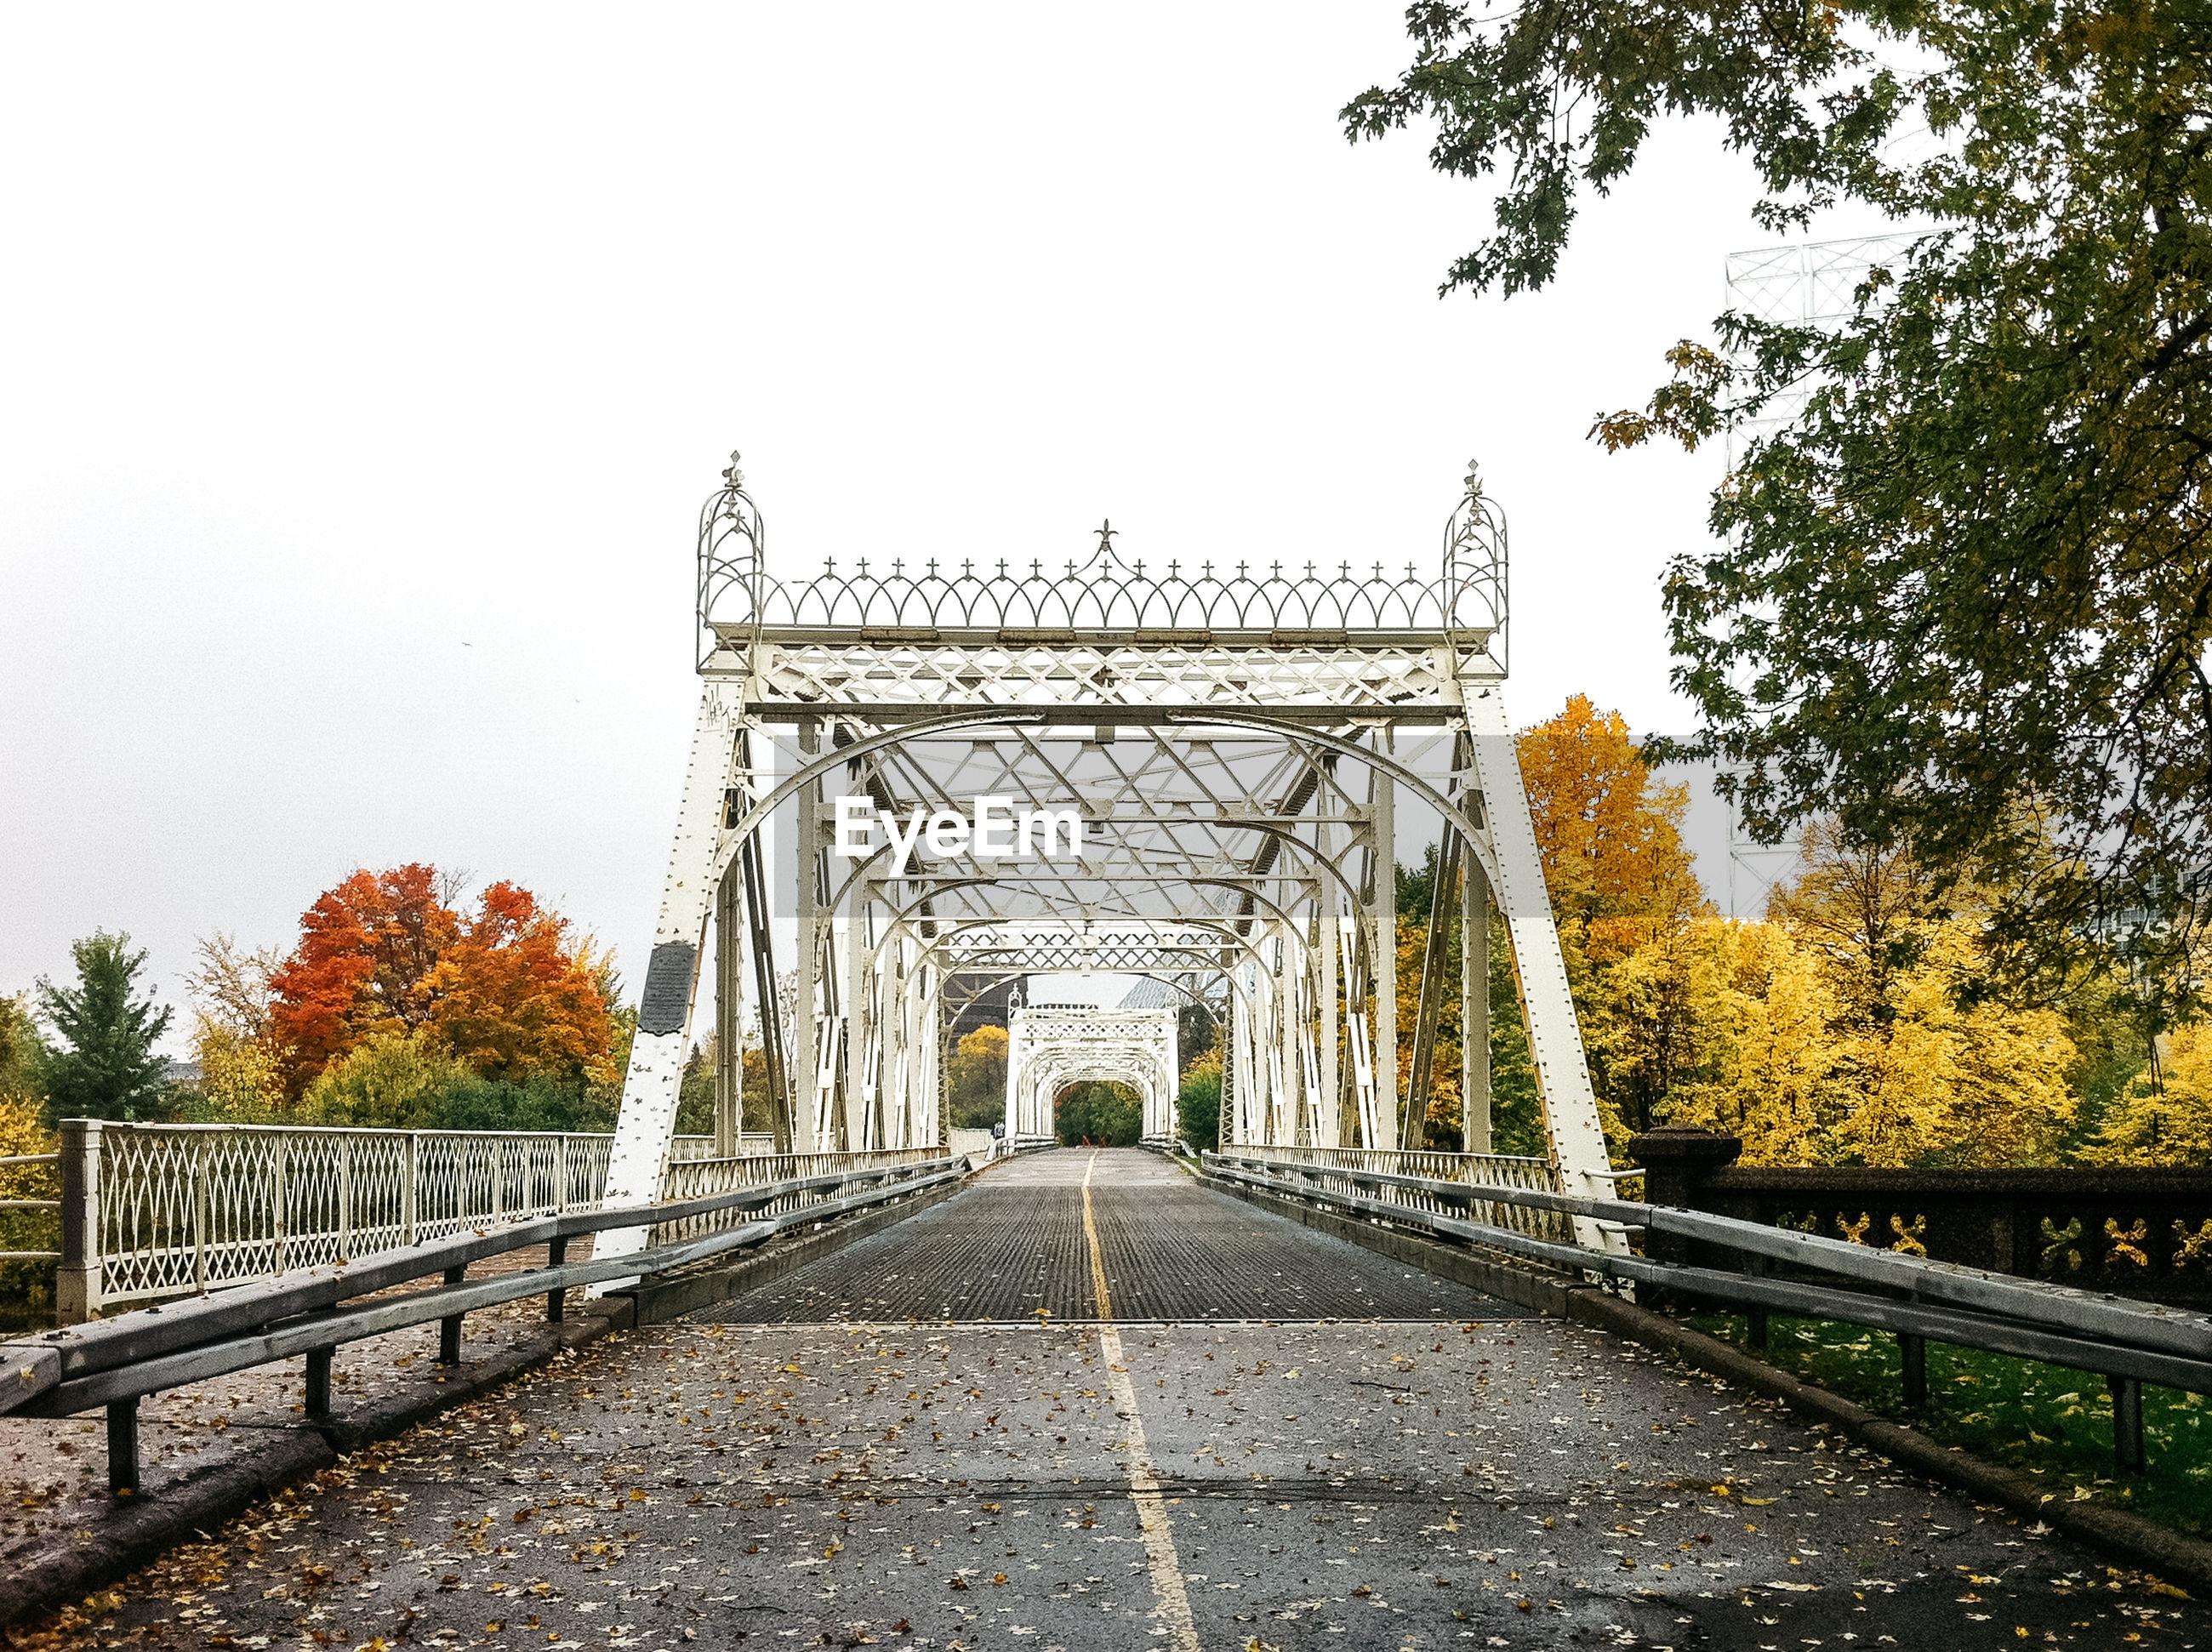 Metallic bridge against sky